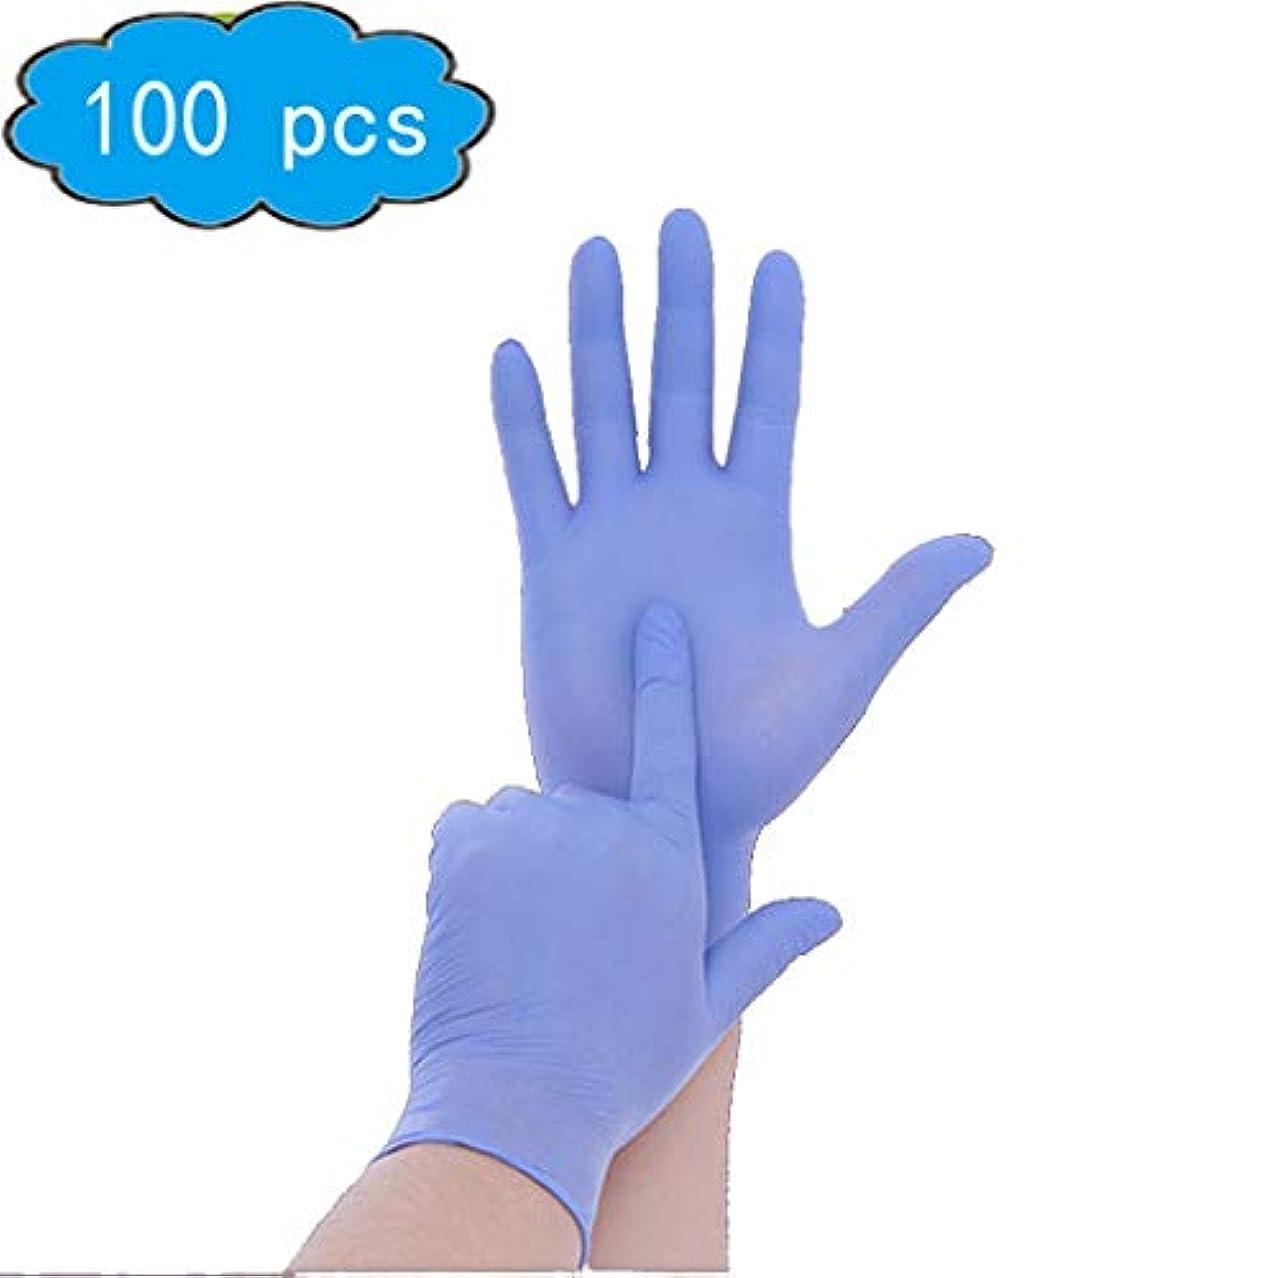 シガレット接地幾何学ニトリル試験用手袋-医療グレード、パウダーフリー、ラテックスゴムフリー、使い捨て、非滅菌、食品安全、テクスチャード加工、サニタリーグローブ、救急用品、(パック100)、手と腕の保護 (Color : Purple, Size...